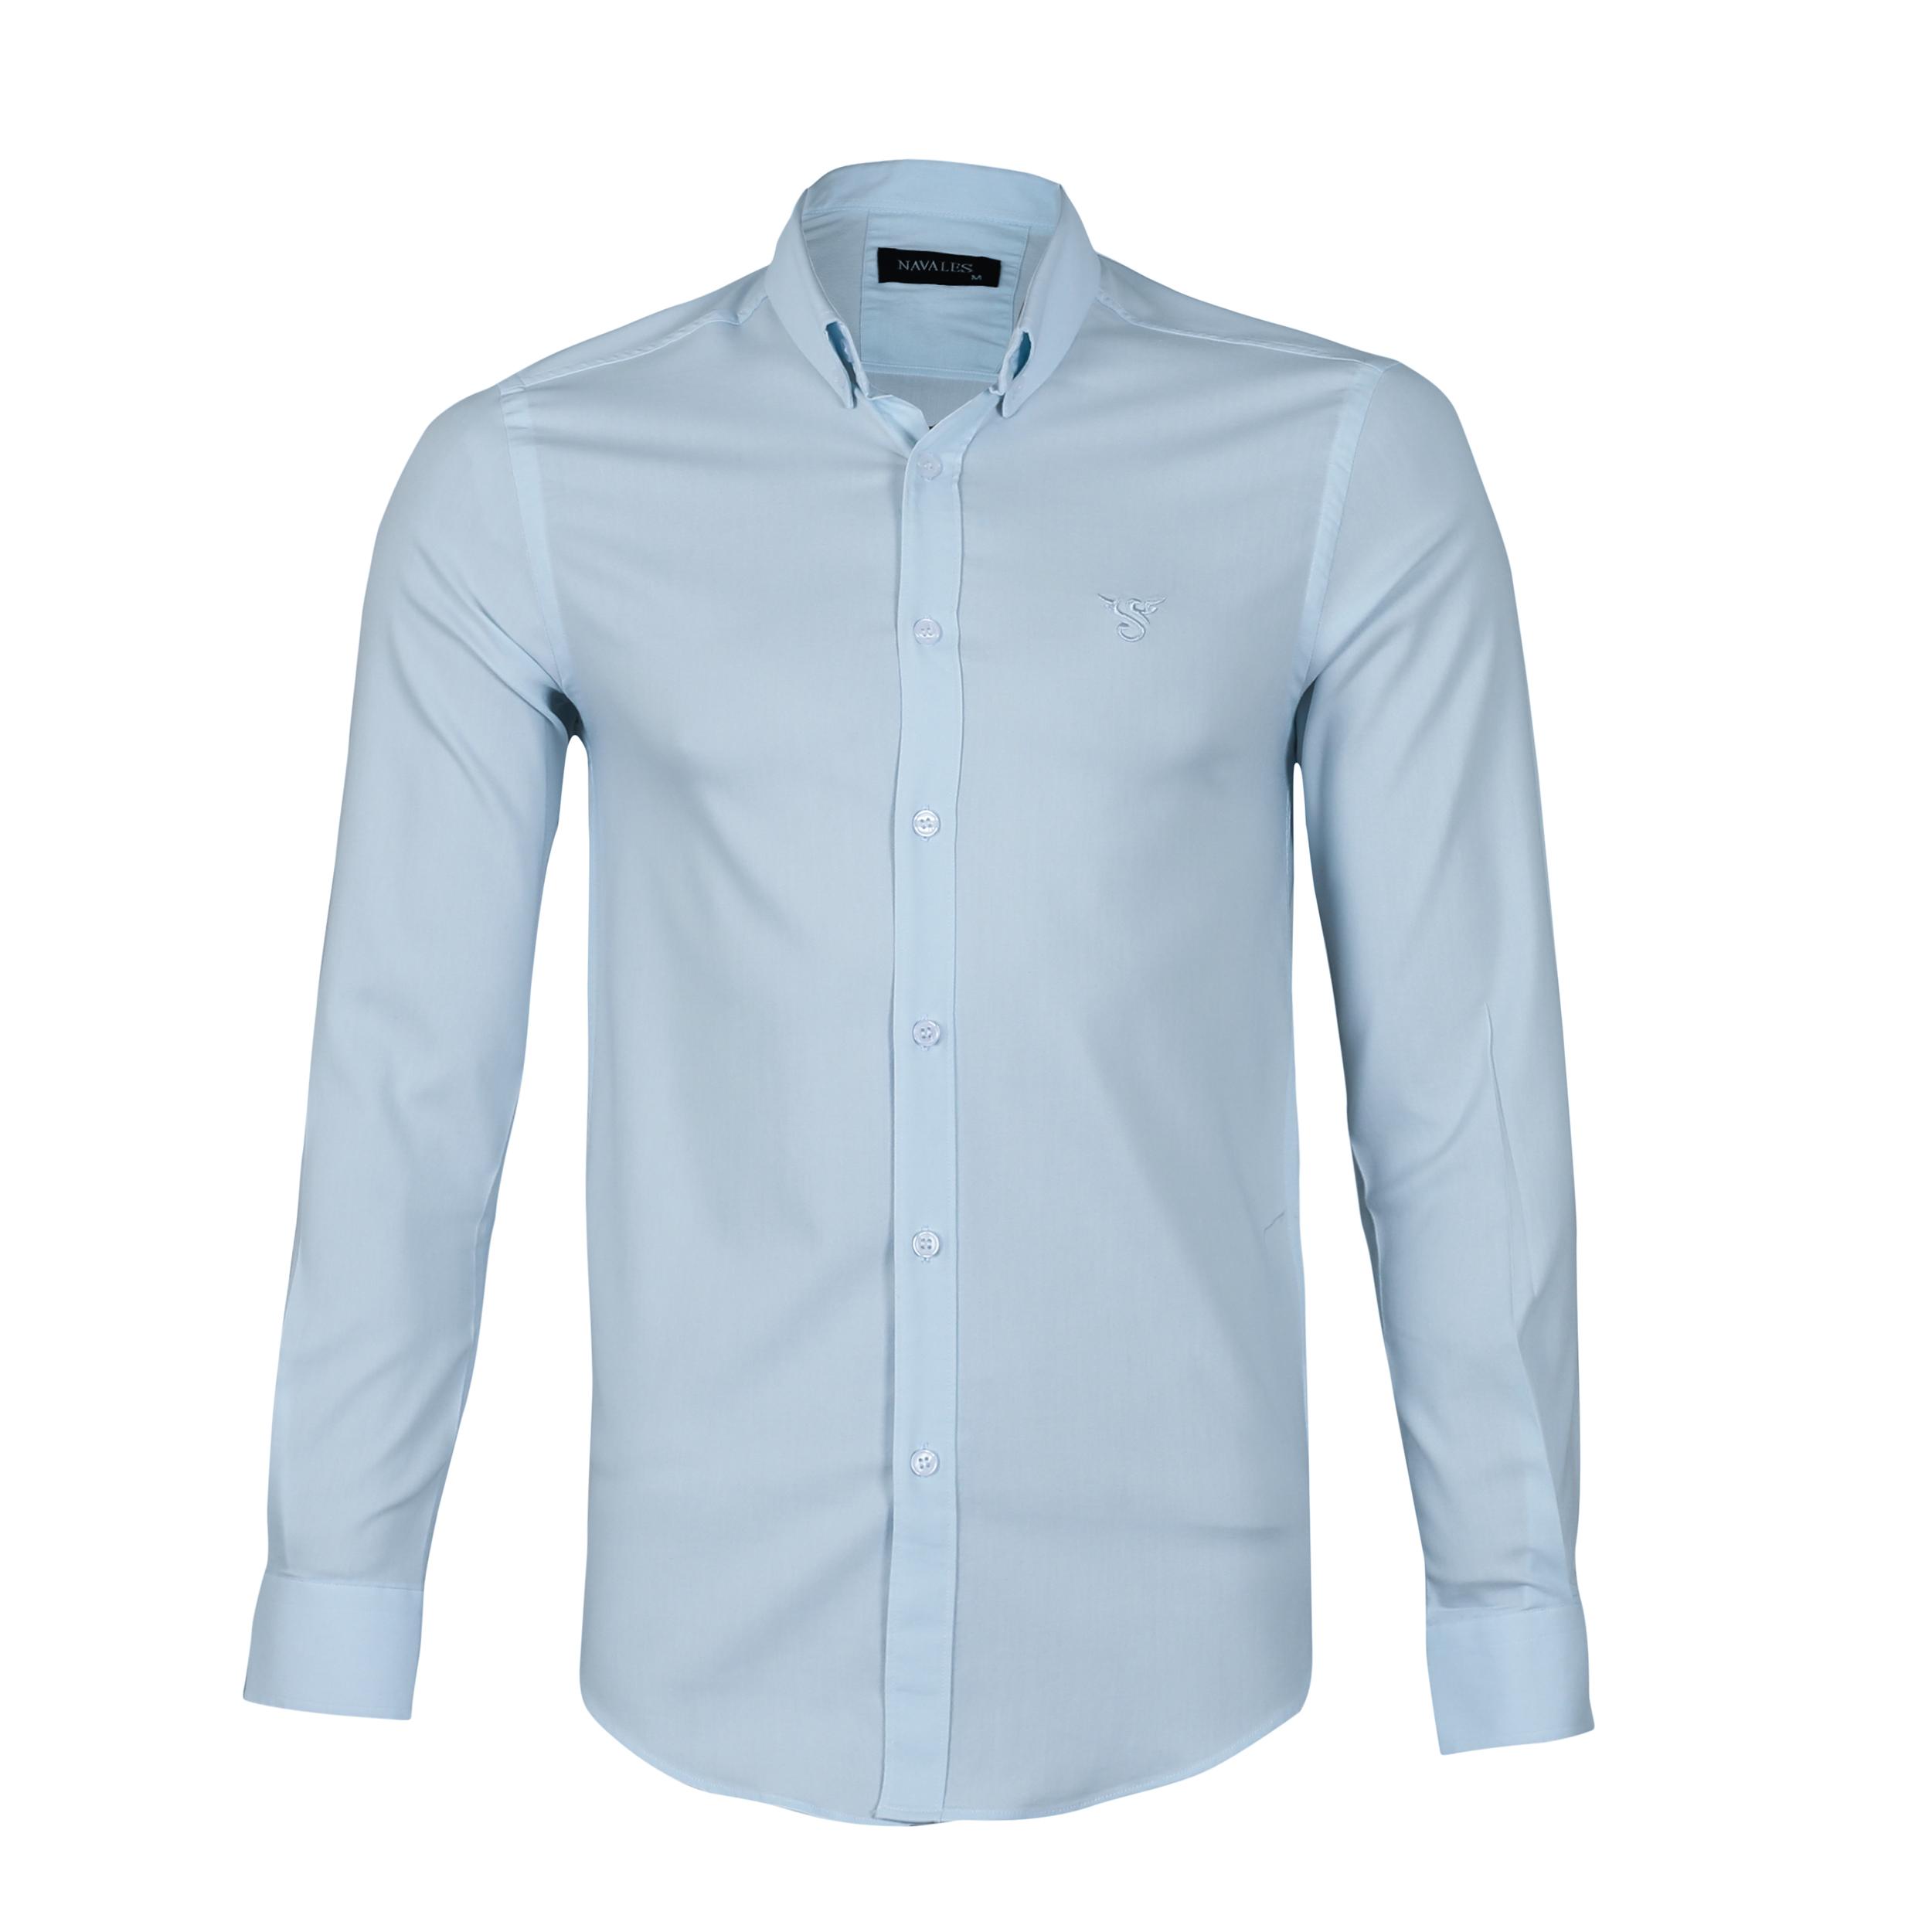 پیراهن مردانه ناوالس کد SlmFit-20100-lbl